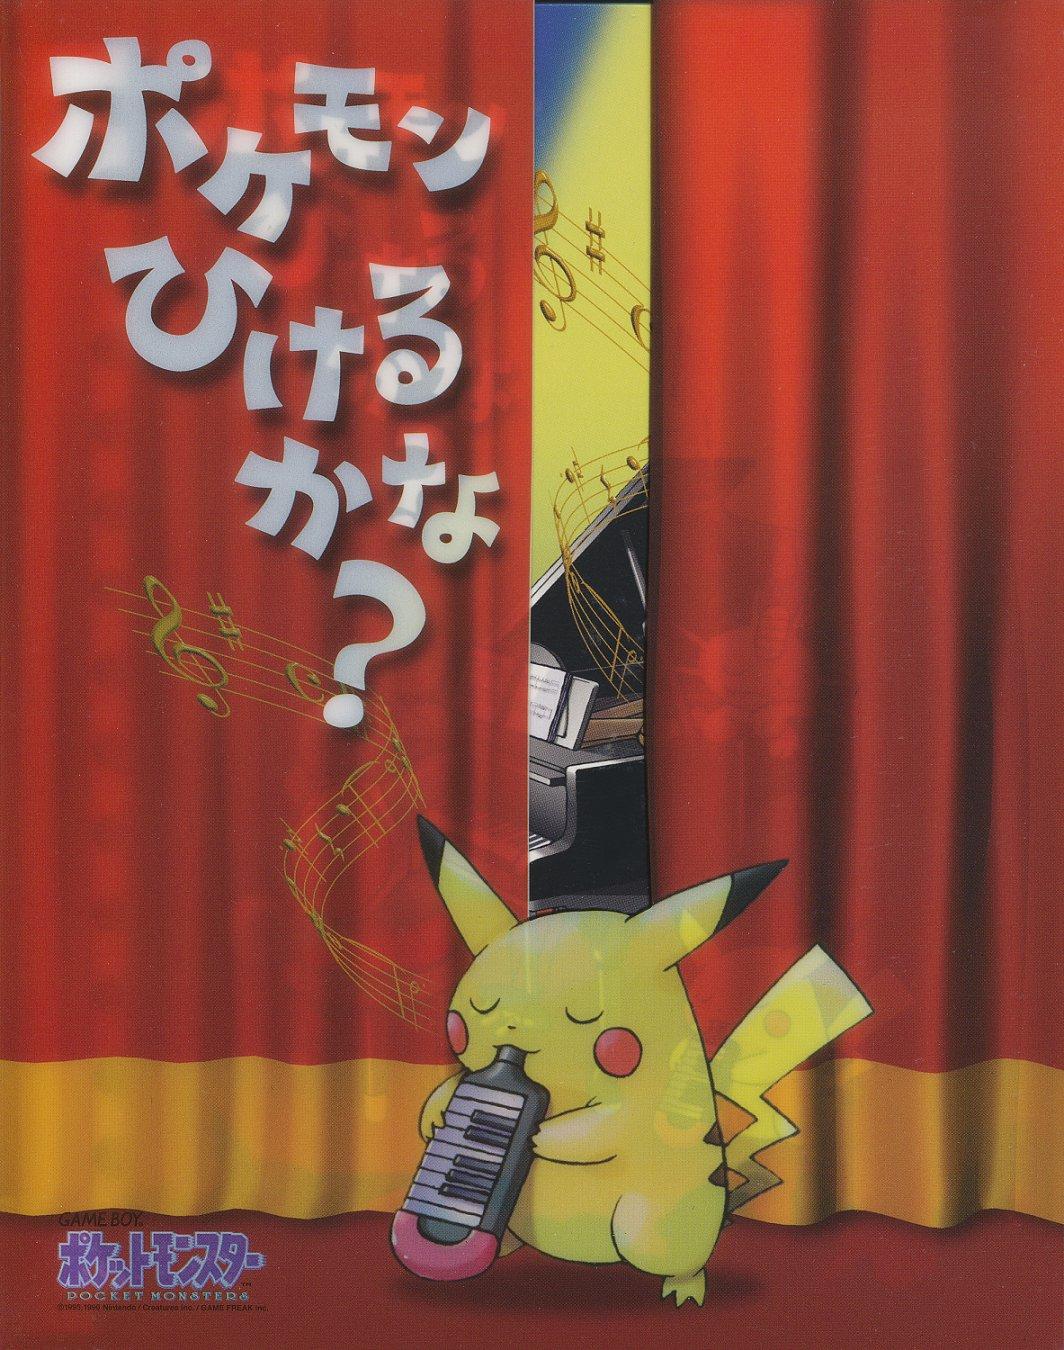 � Kana Hikeru Pokemon Pikachu CD Japan Import Music Anime Manga - RARE! �